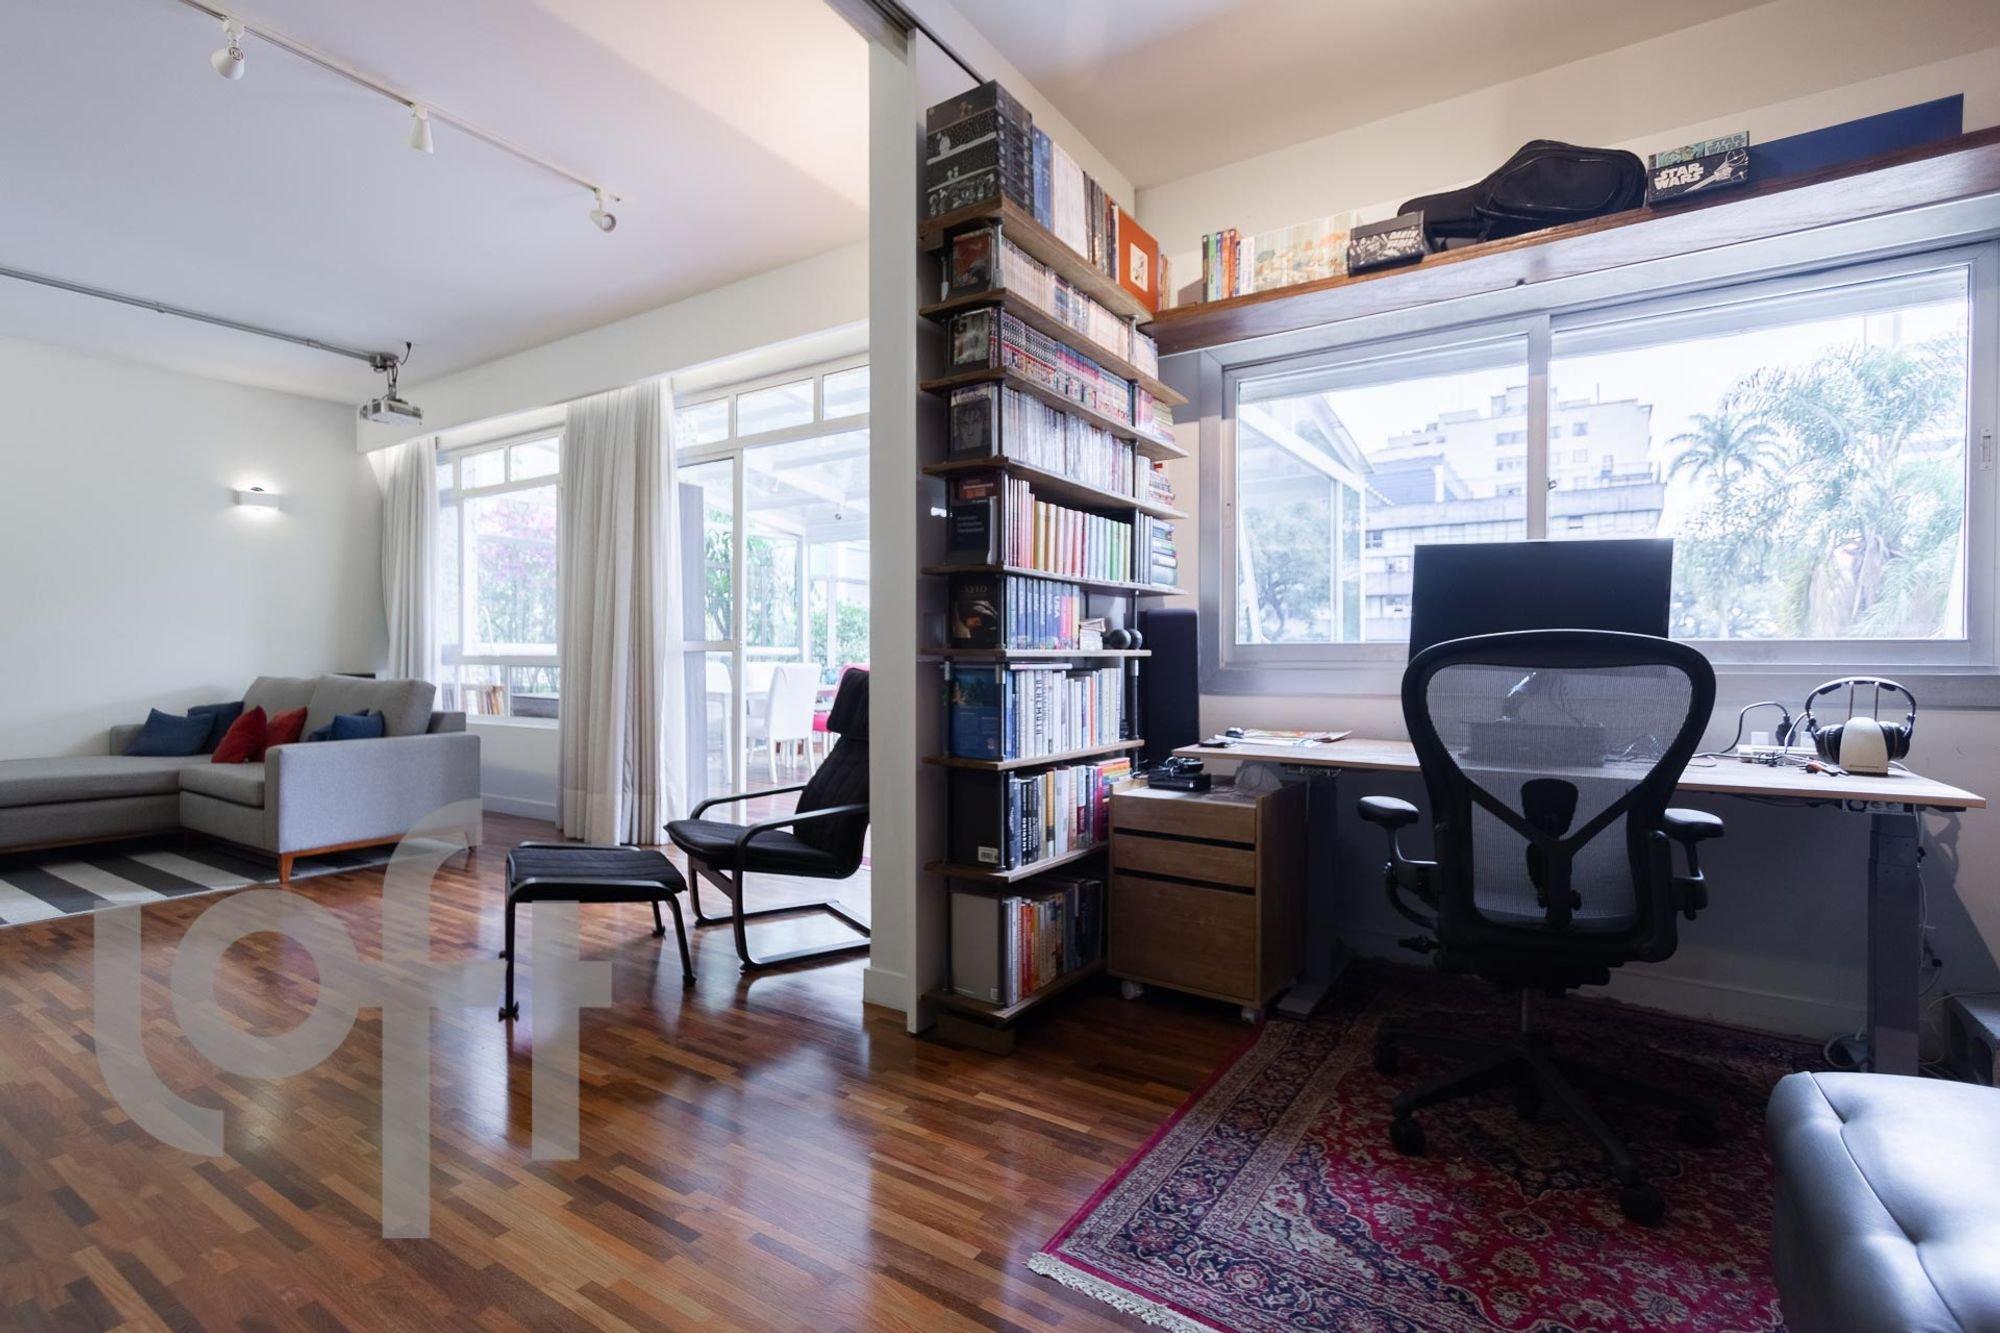 Foto de Sala com sofá, televisão, cadeira, livro